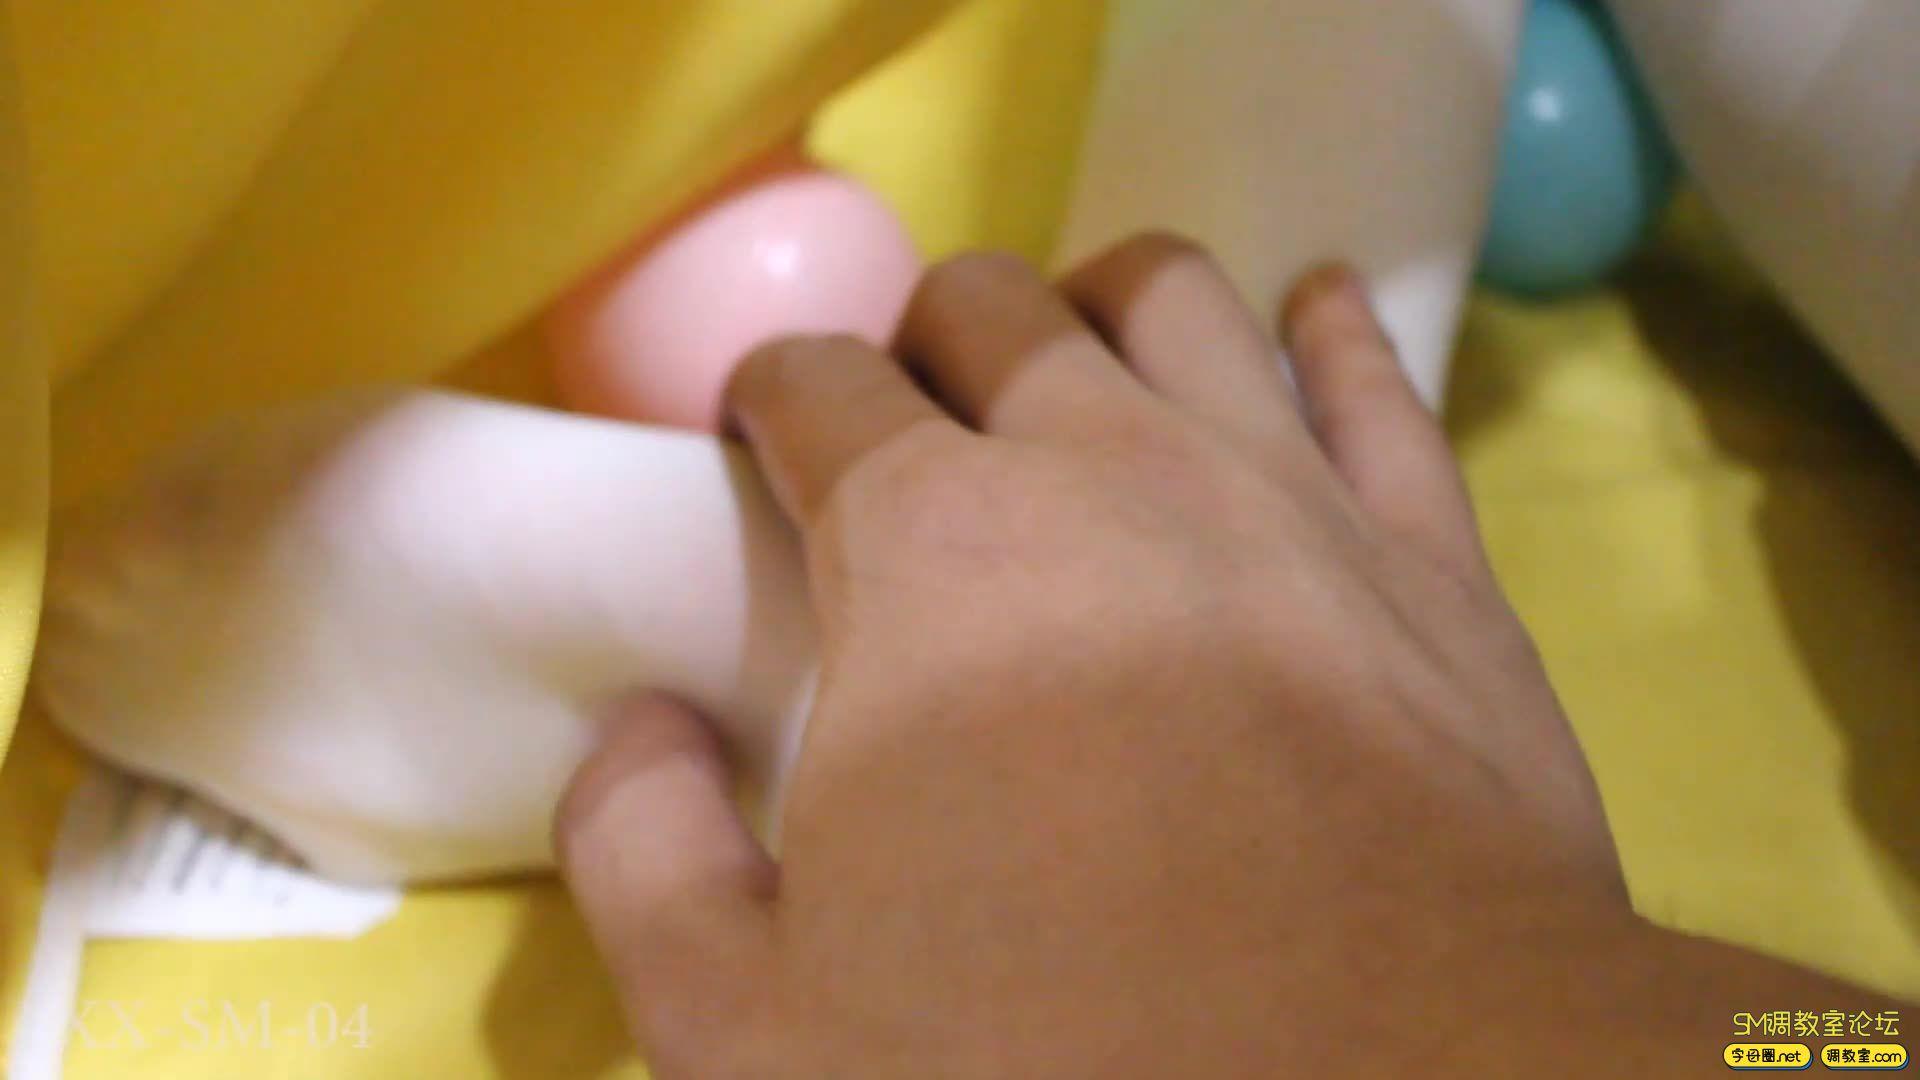 【FXX】双马尾小萝莉 白丝 单腿吊缚-视频截图1